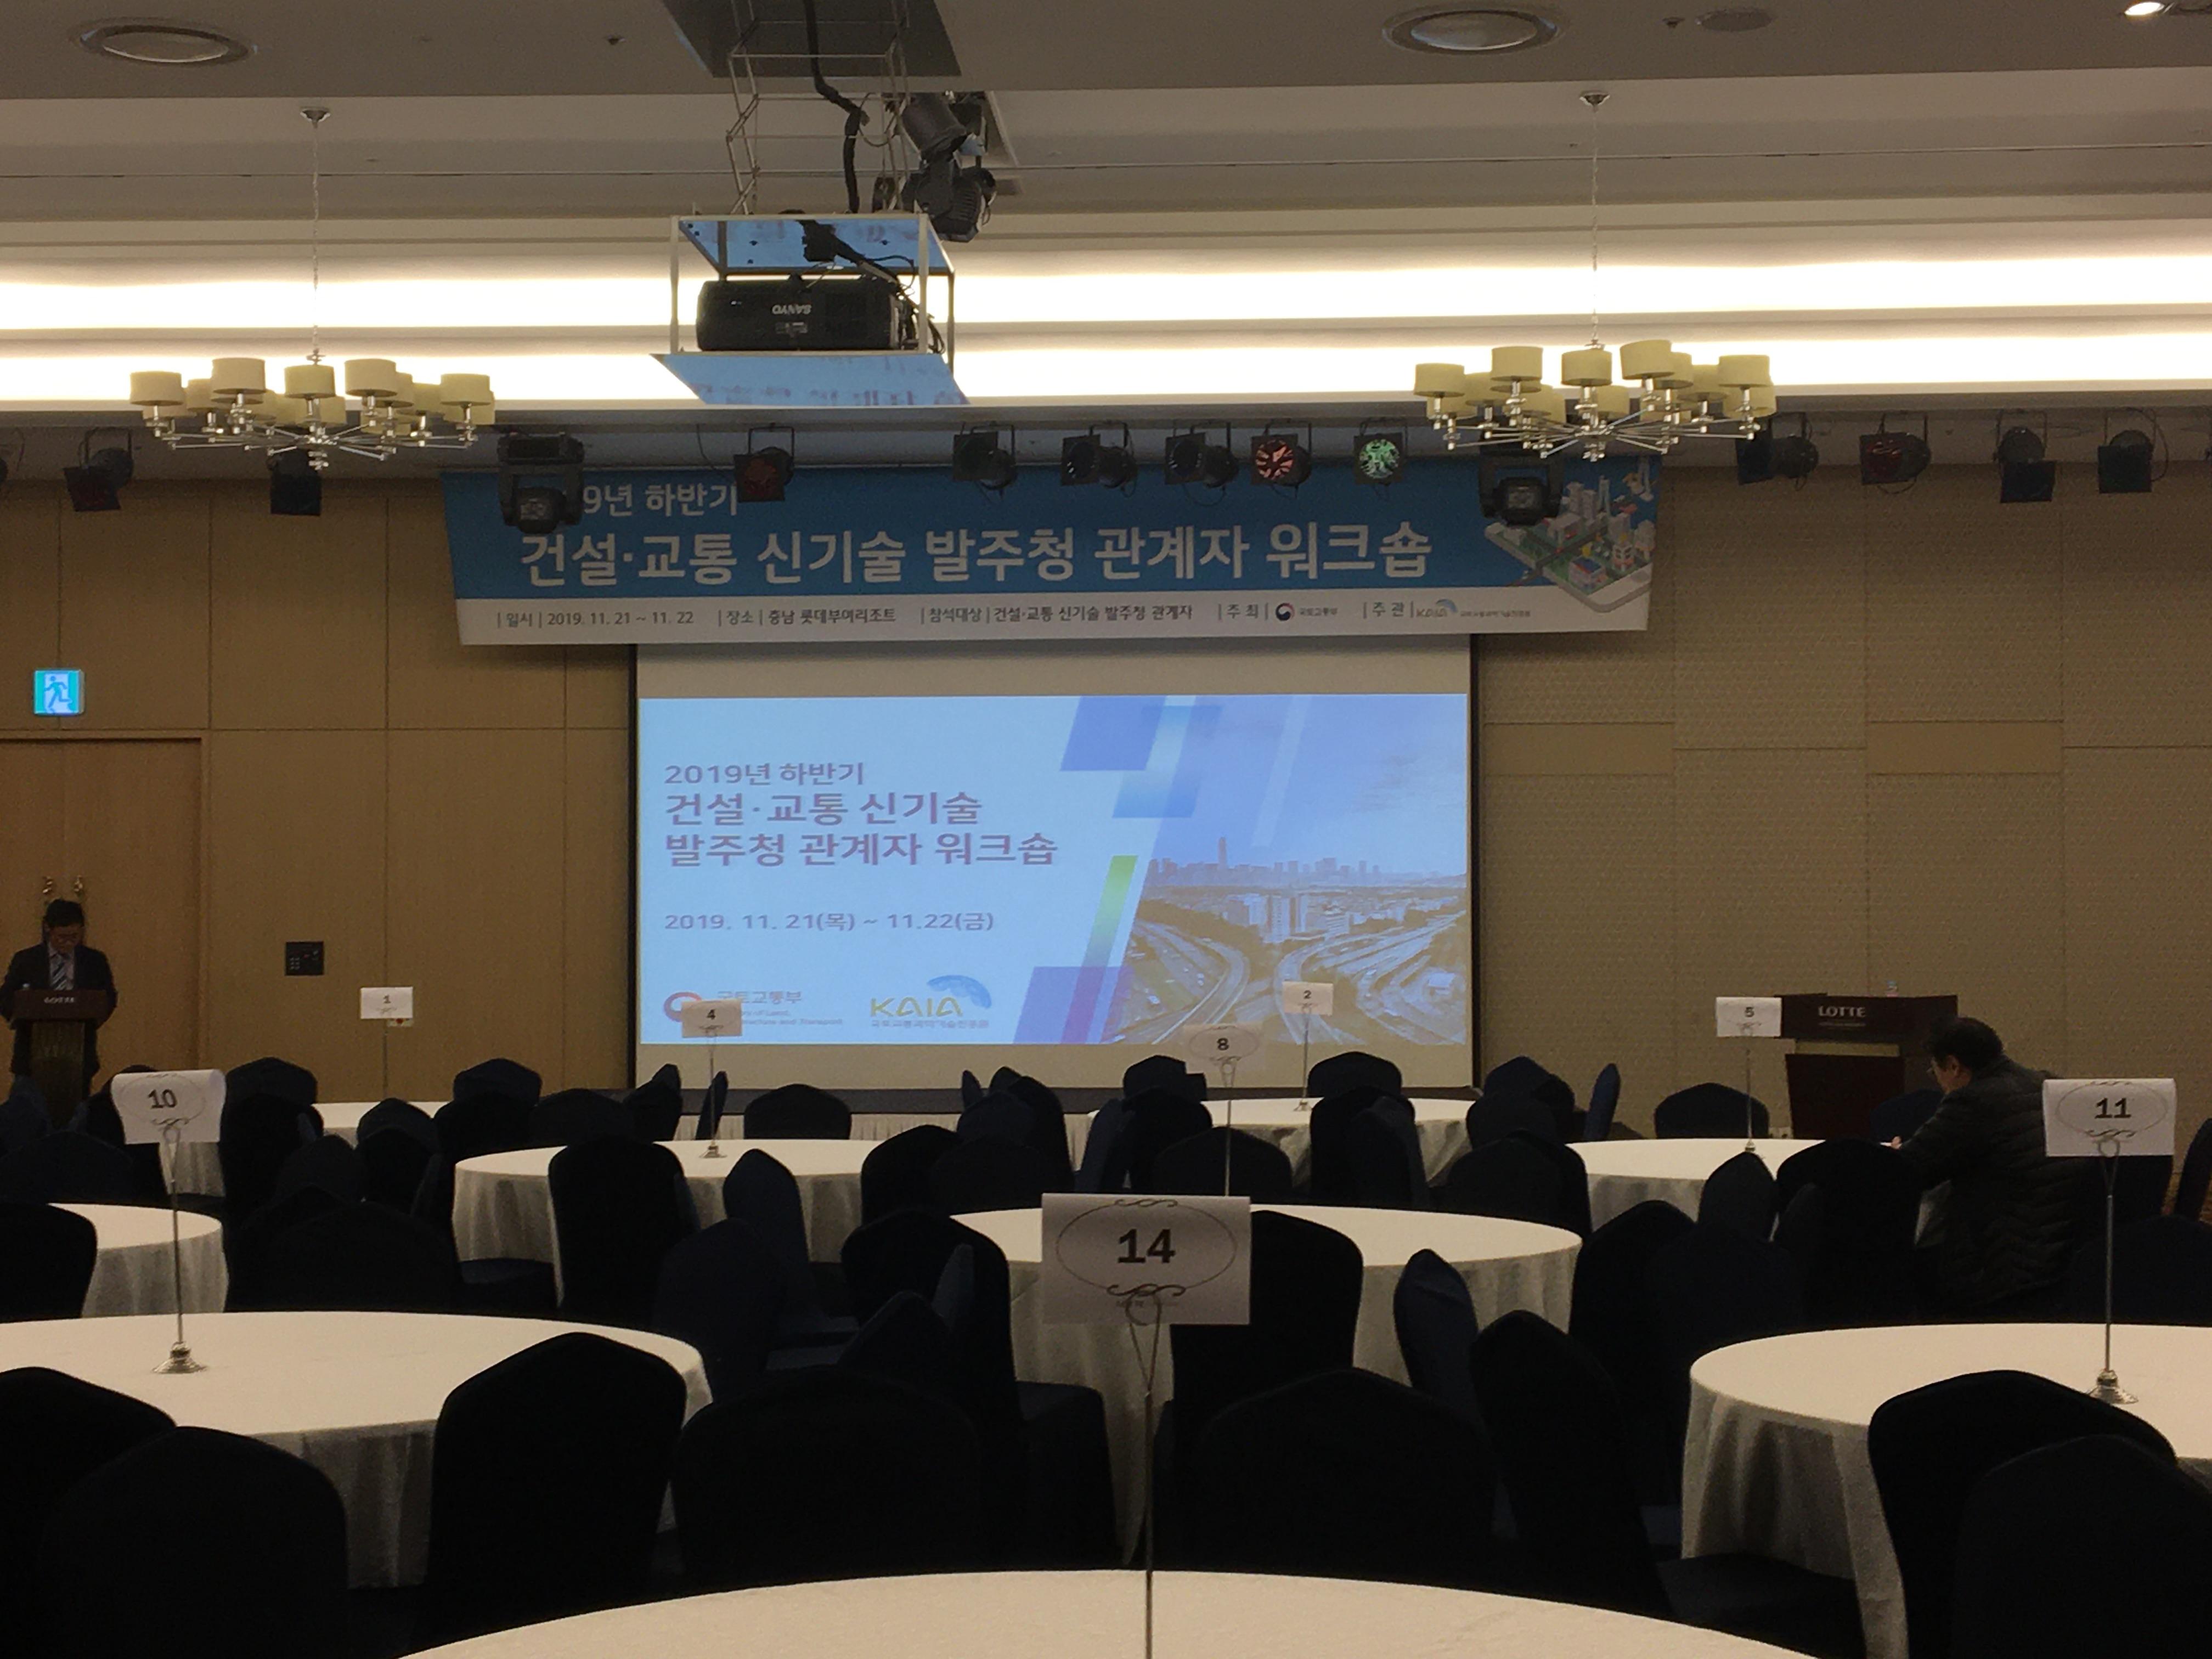 2019년 하반기 건설/교통 신기술 발주청 관계자 워크숍 참석